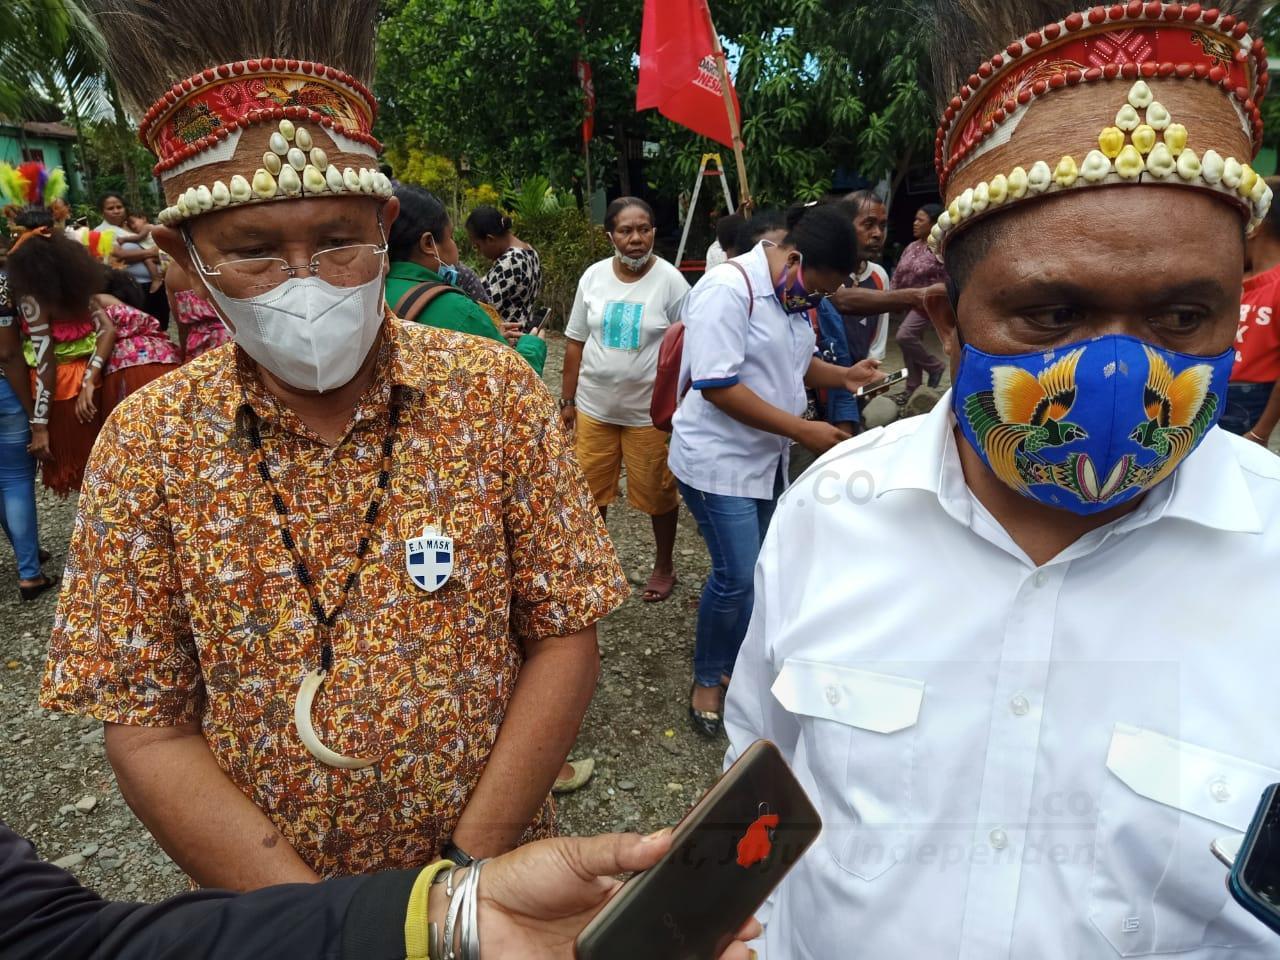 Hermus Indou: Relawan HEBO Tumbuh Mandiri, Mereka Hadir Tanpa Diperintah 4 IMG 20201103 WA0074 1